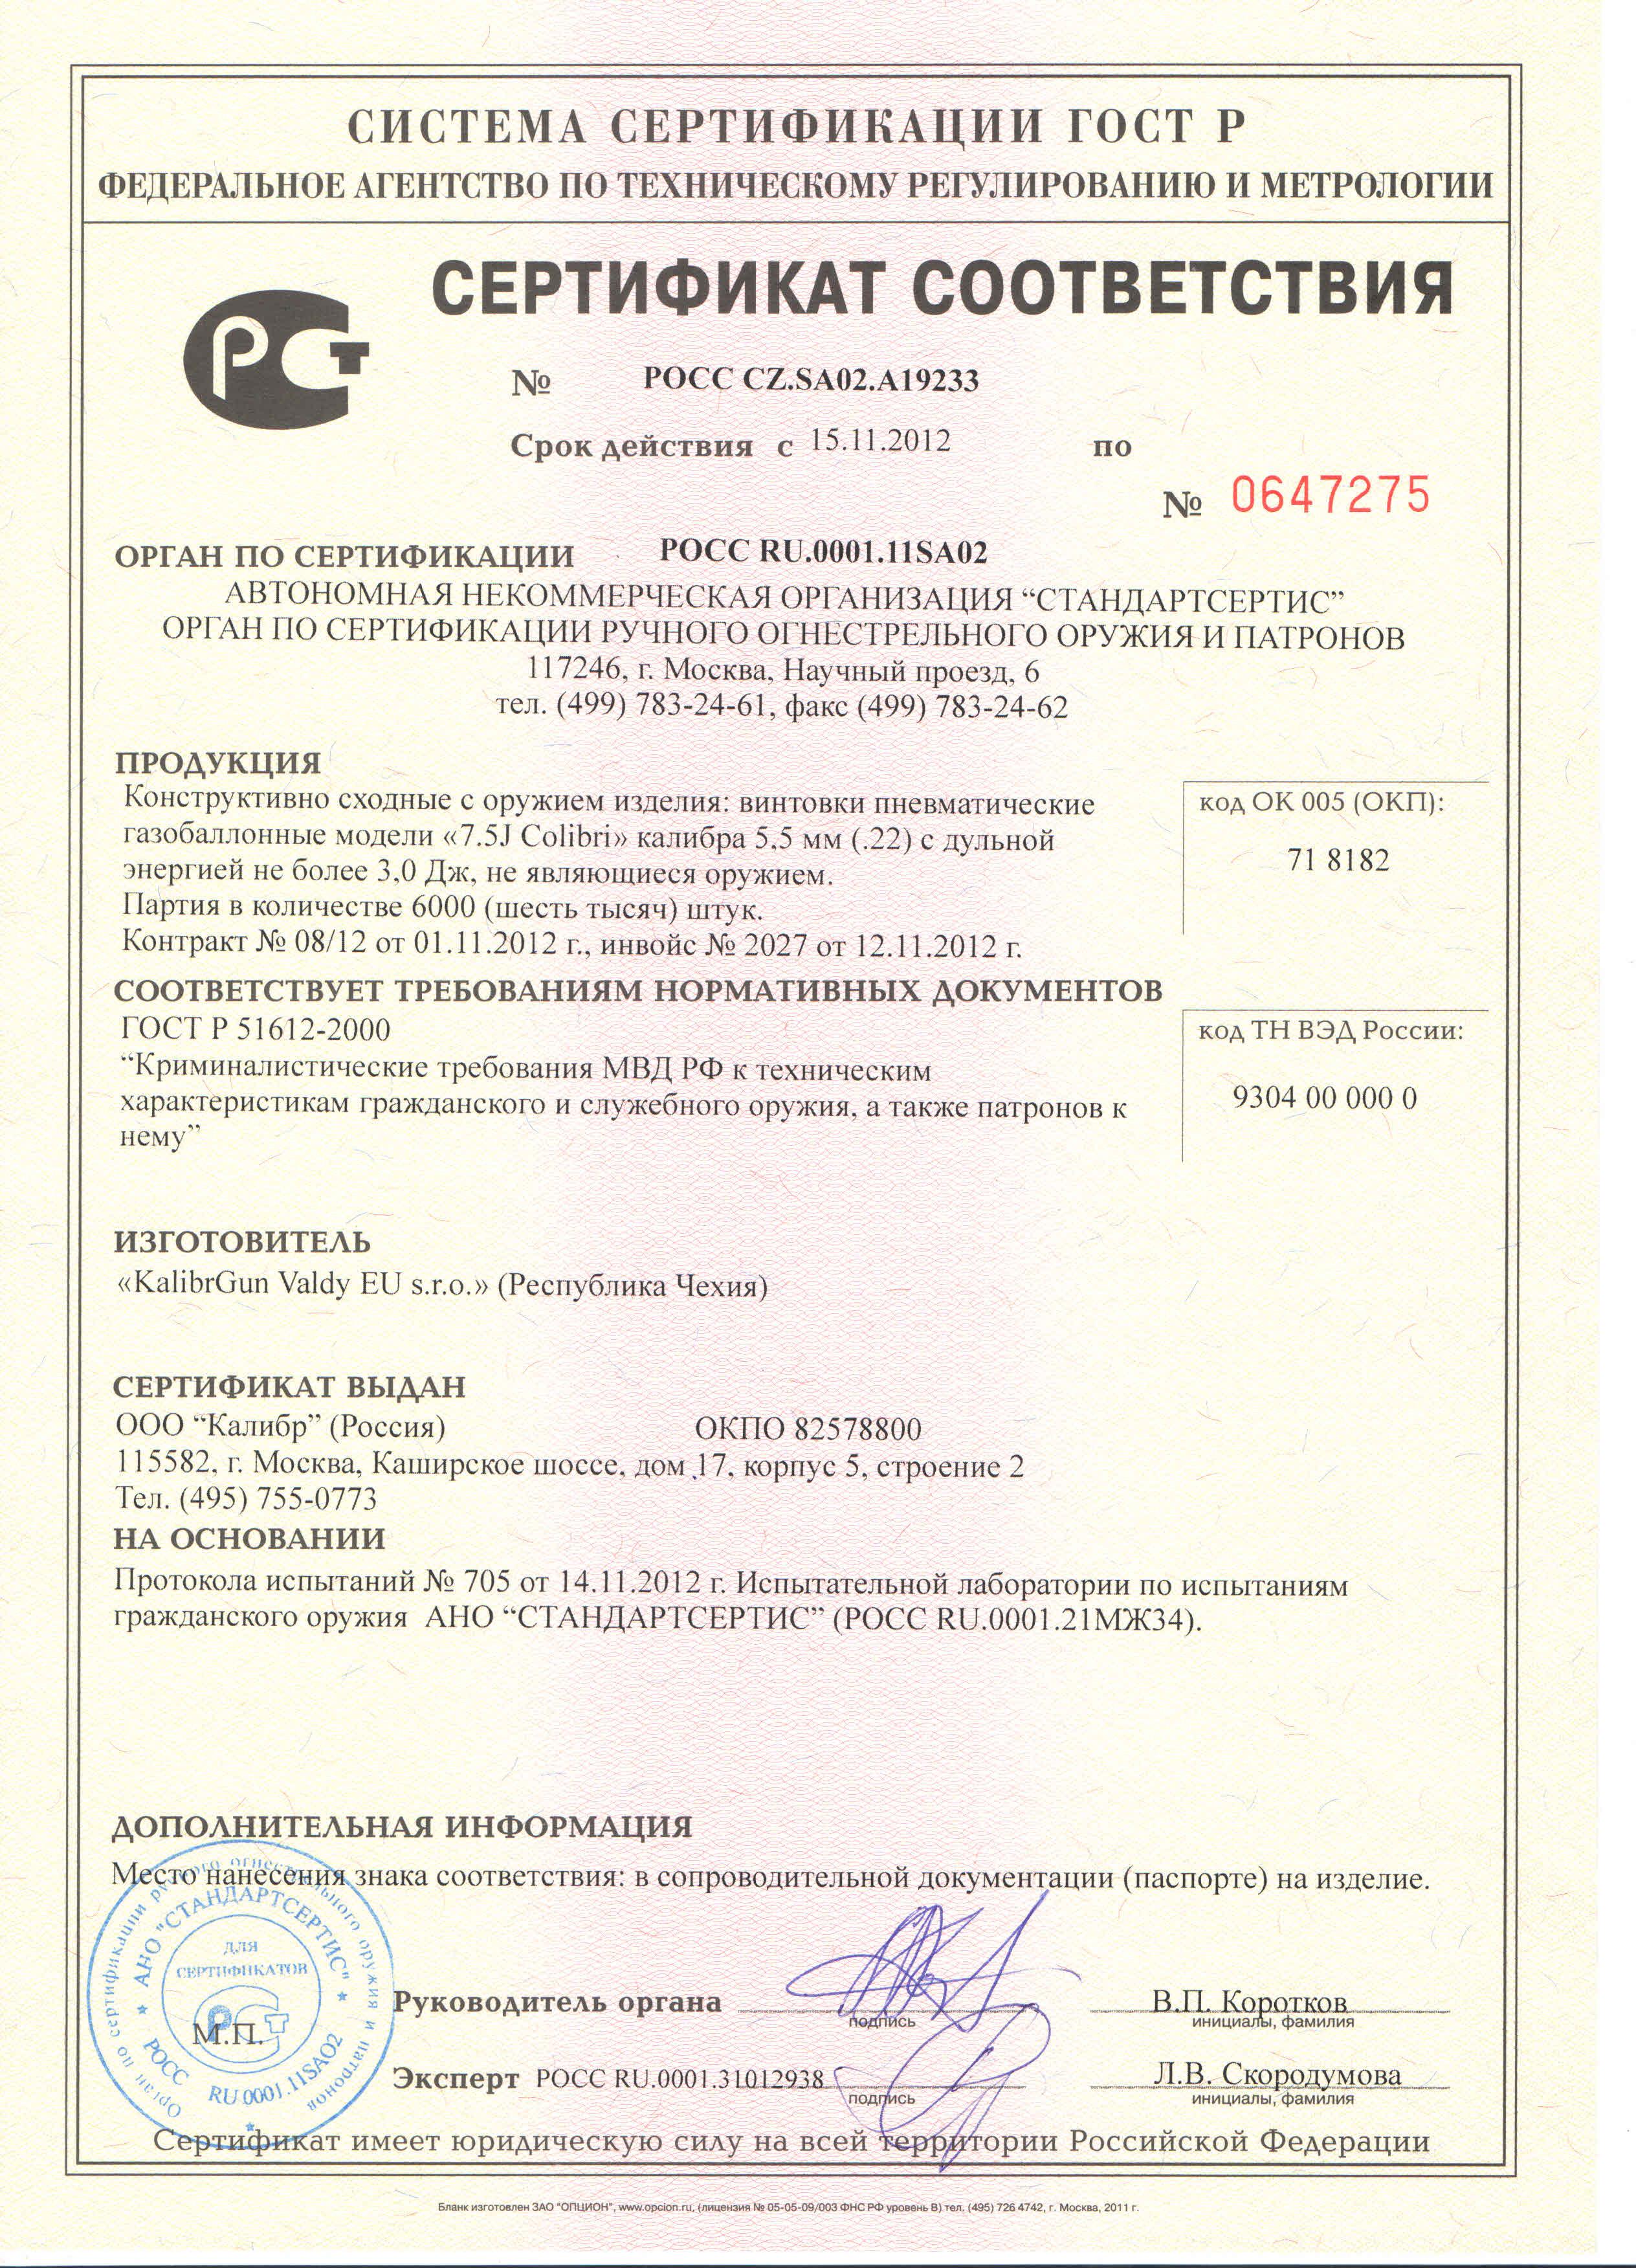 сертификат для pcp винтовки kalibr cricket